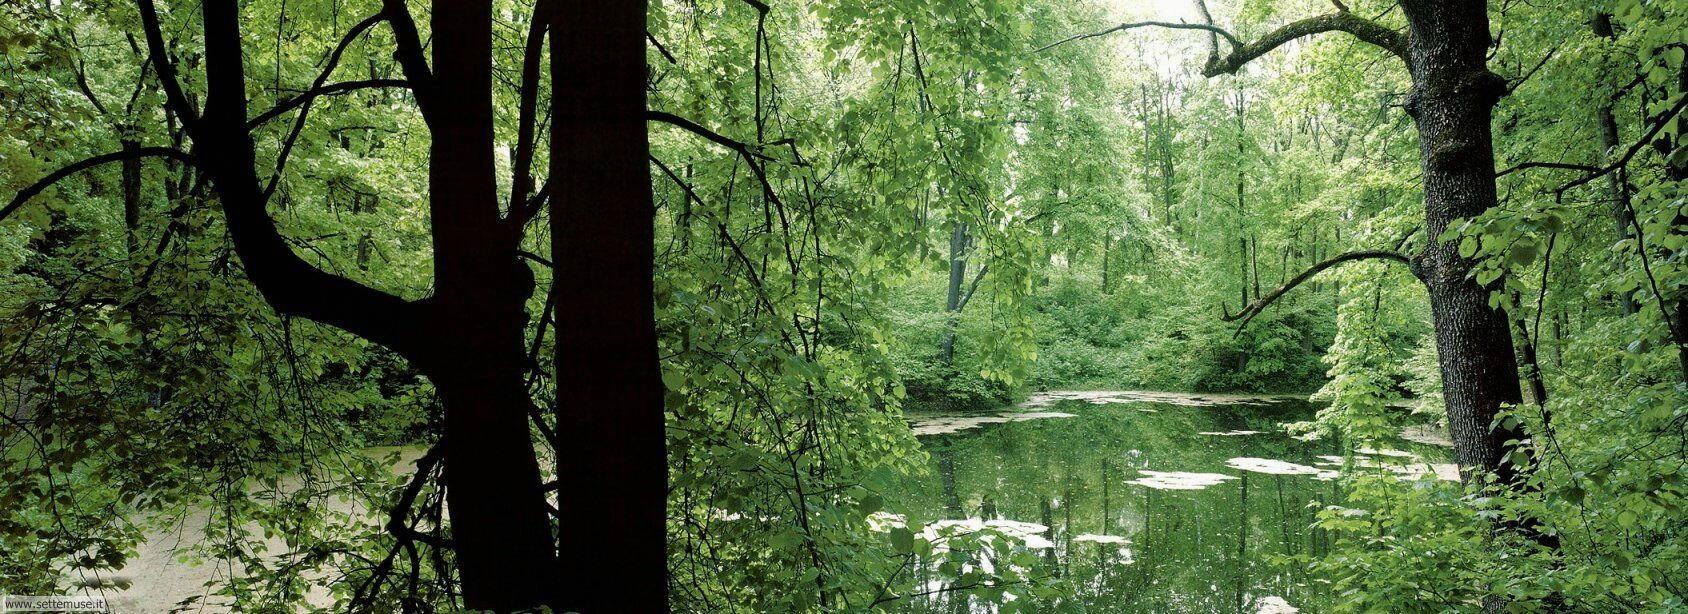 Foto panorami wide 022